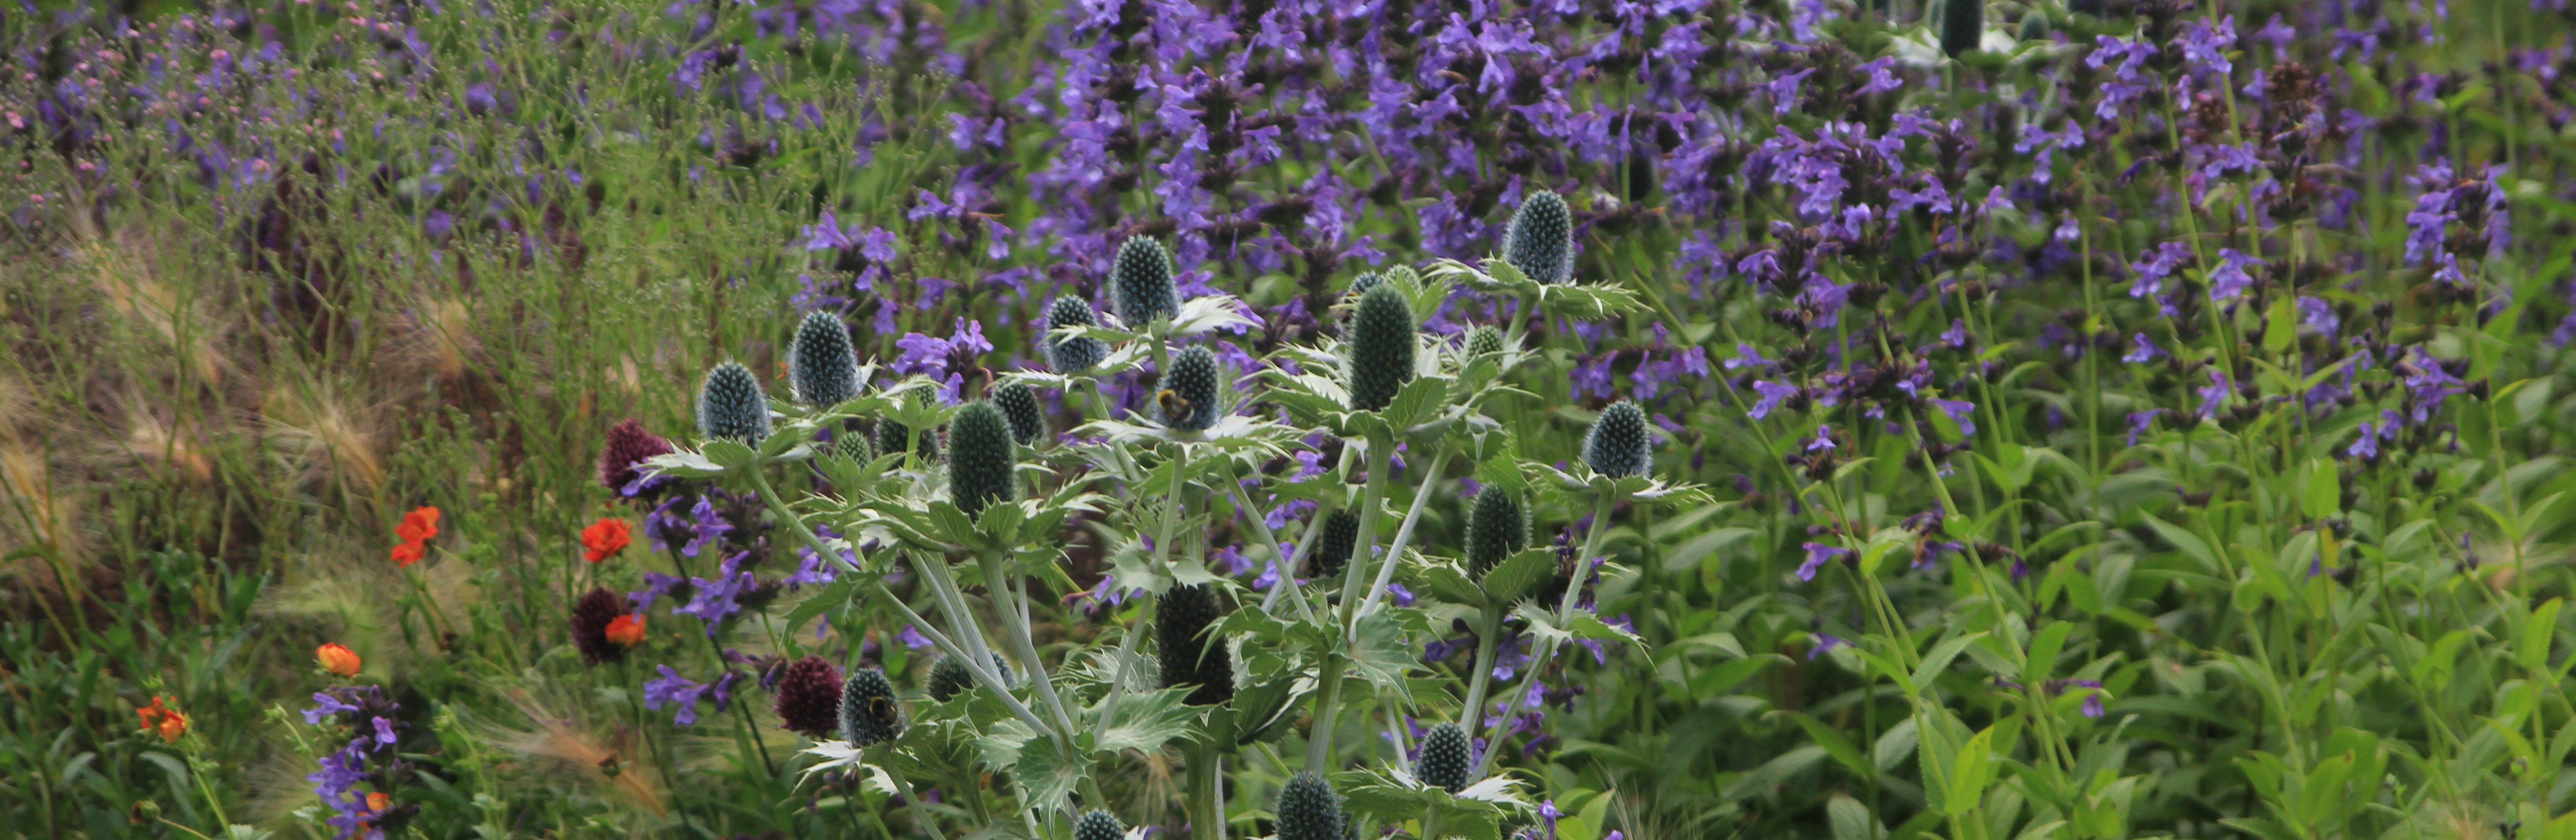 Hooldusvaba aed